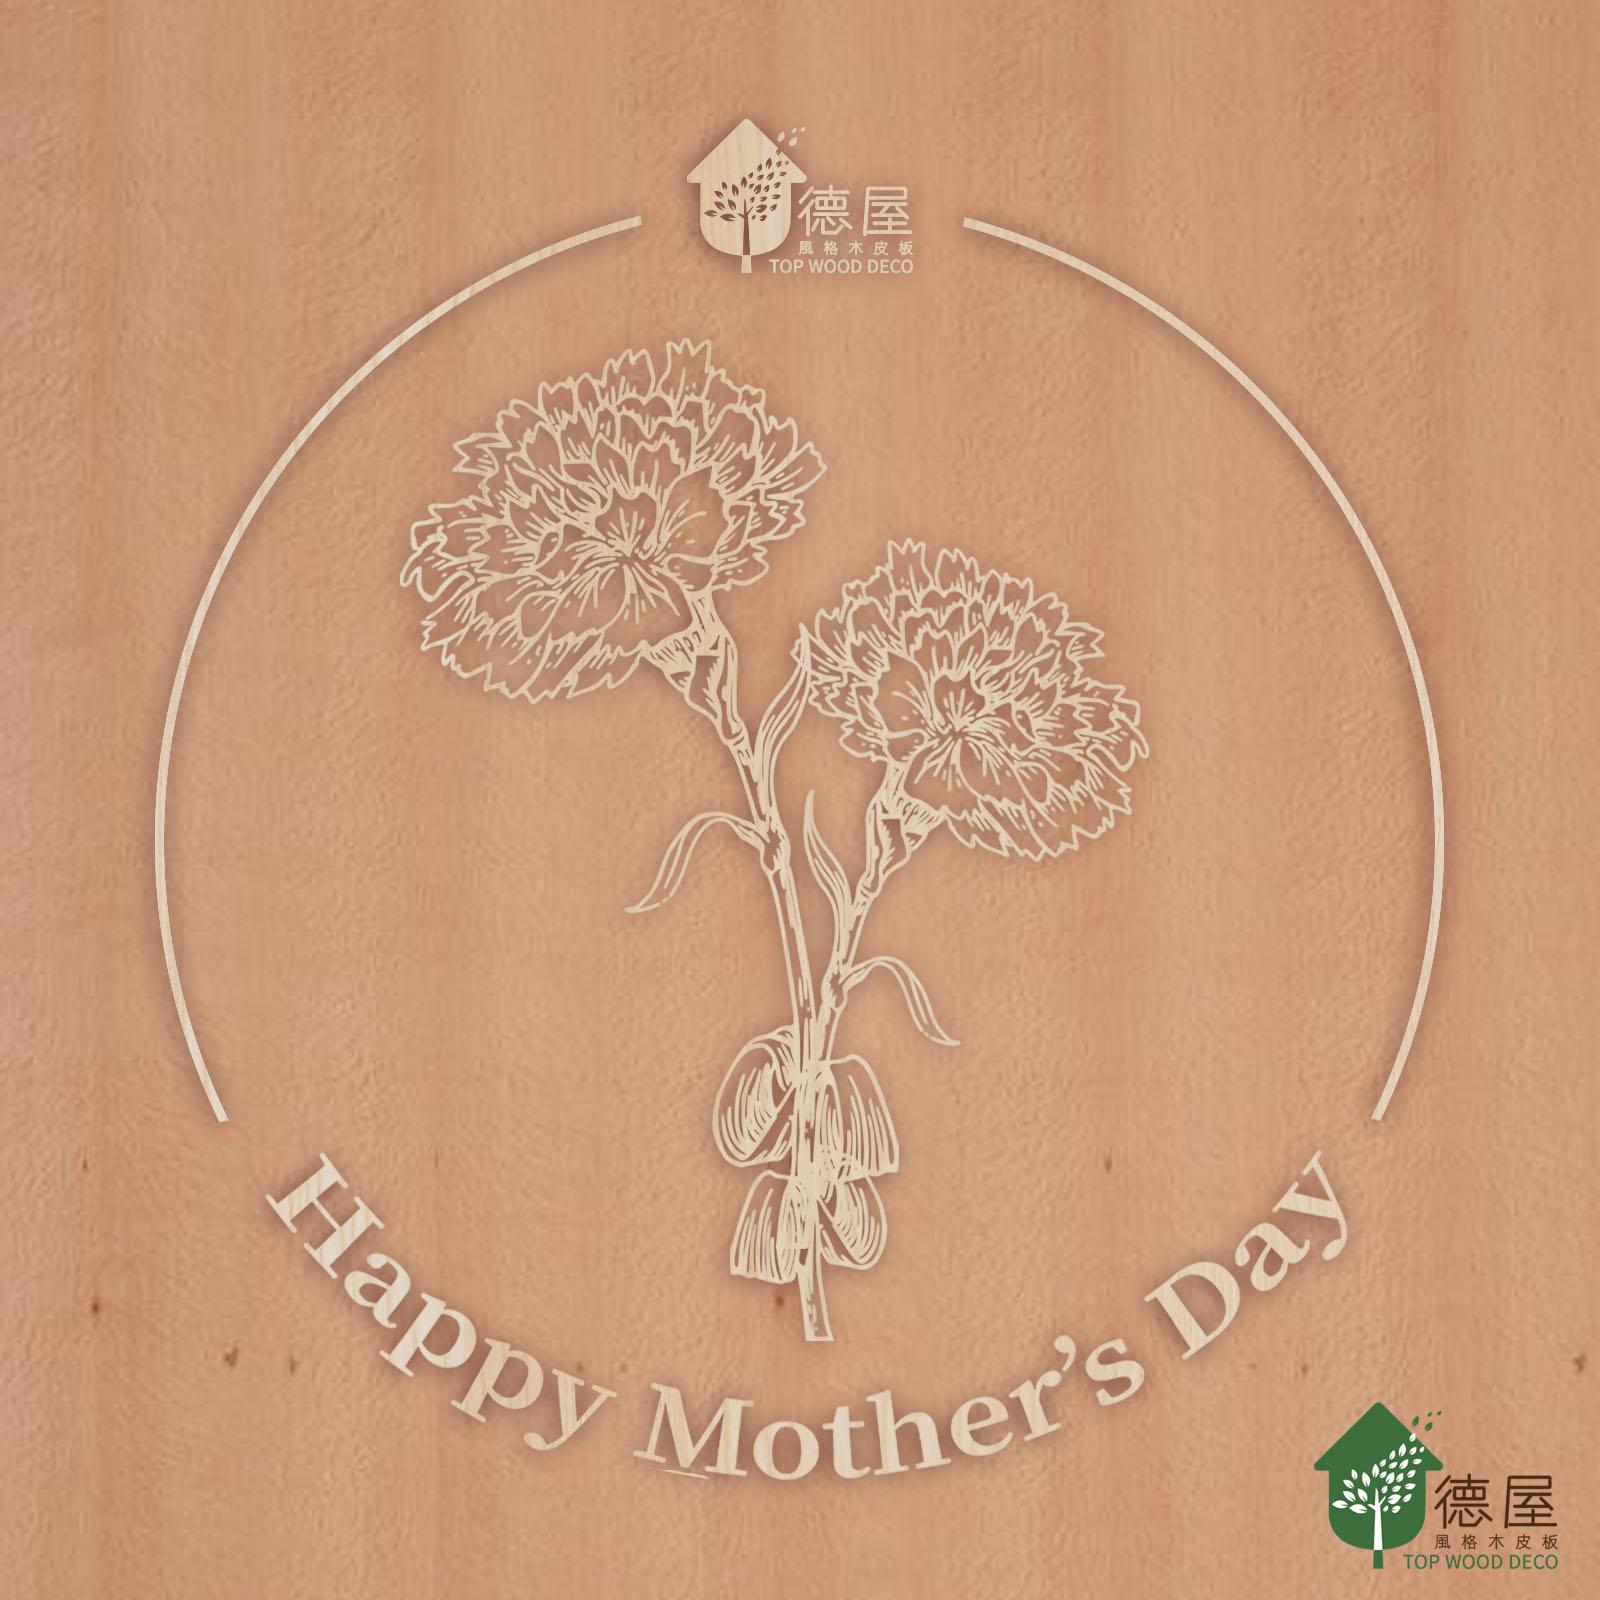 德屋祝福全天下的媽媽們母親節快樂!